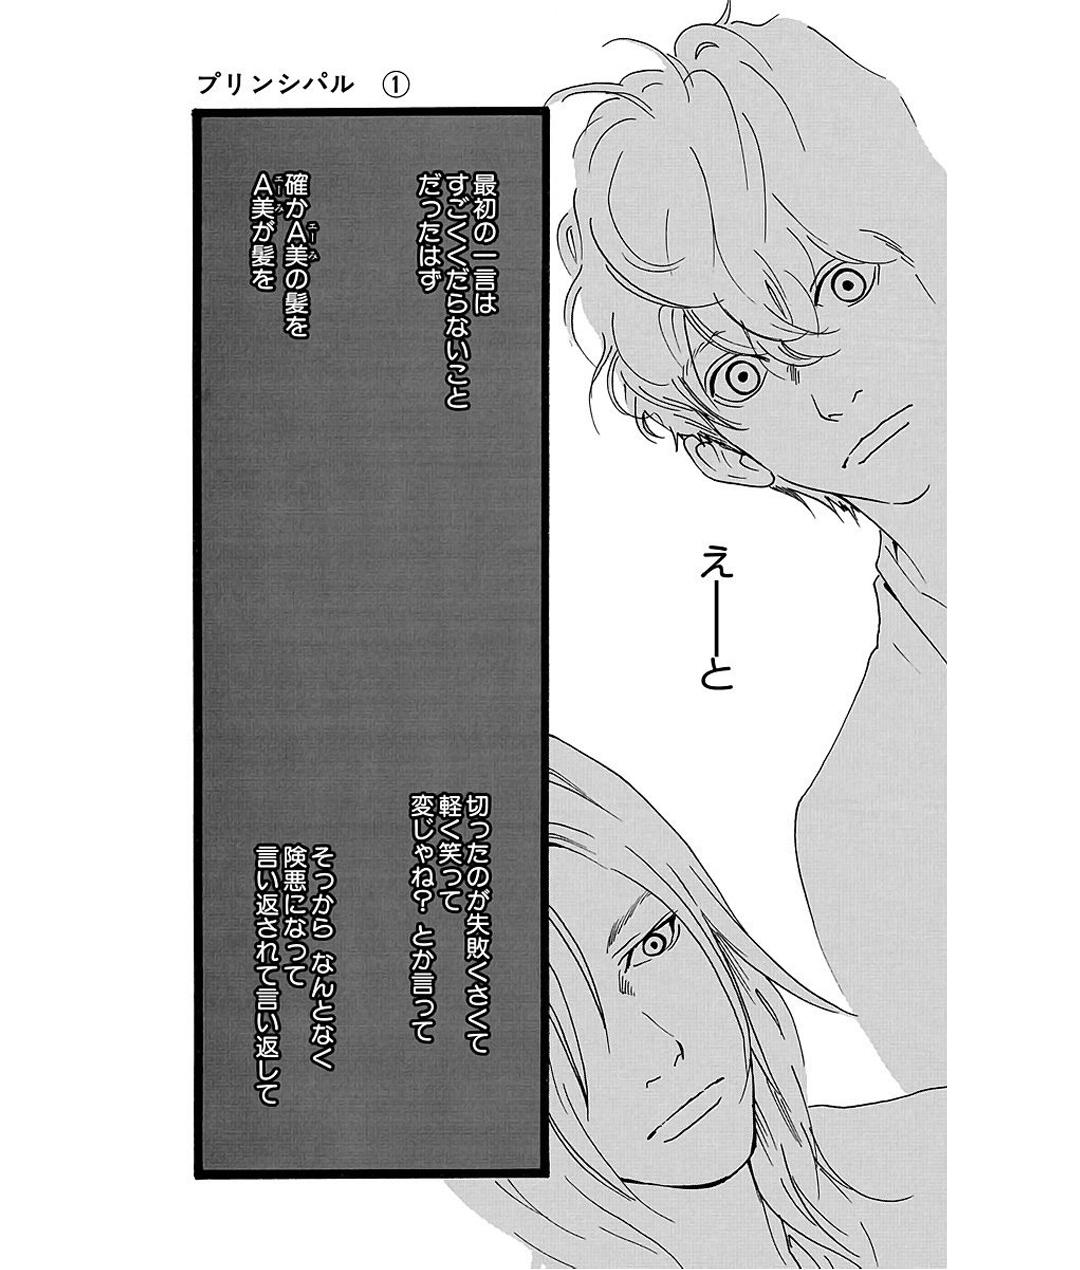 プリンシパル 第1話 試し読み_1_1-49